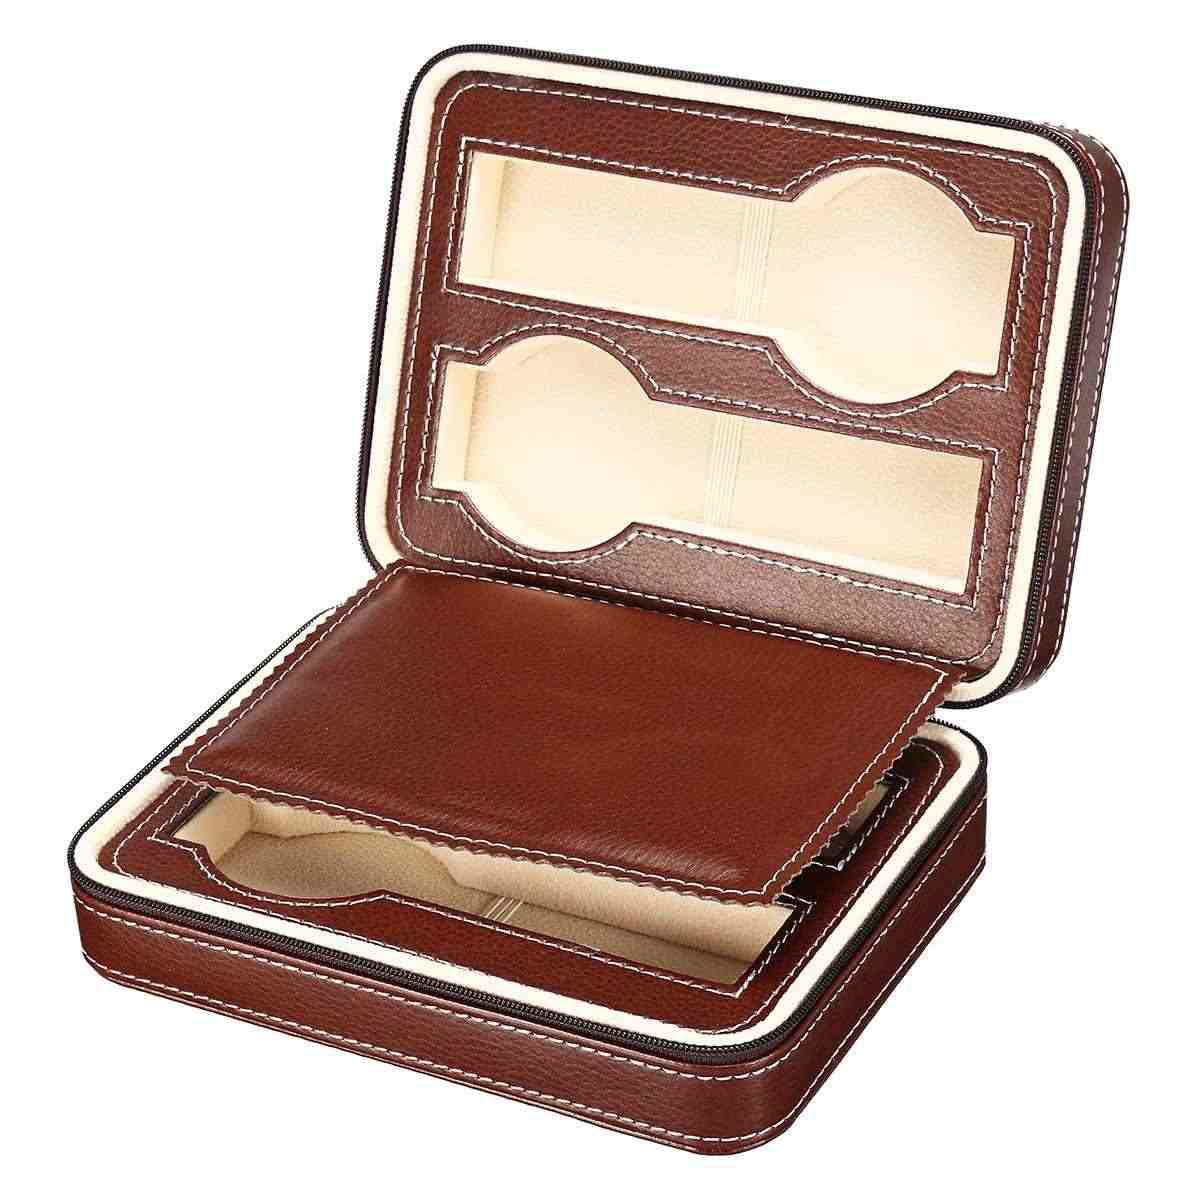 4 กริดแบบพกพากล่องนาฬิกาหนัง PU ที่เหนือกว่าเก็บนาฬิกาผู้ถือกระเป๋าผู้ชายผู้หญิงนาฬิกาอุปกรณ์เสริม